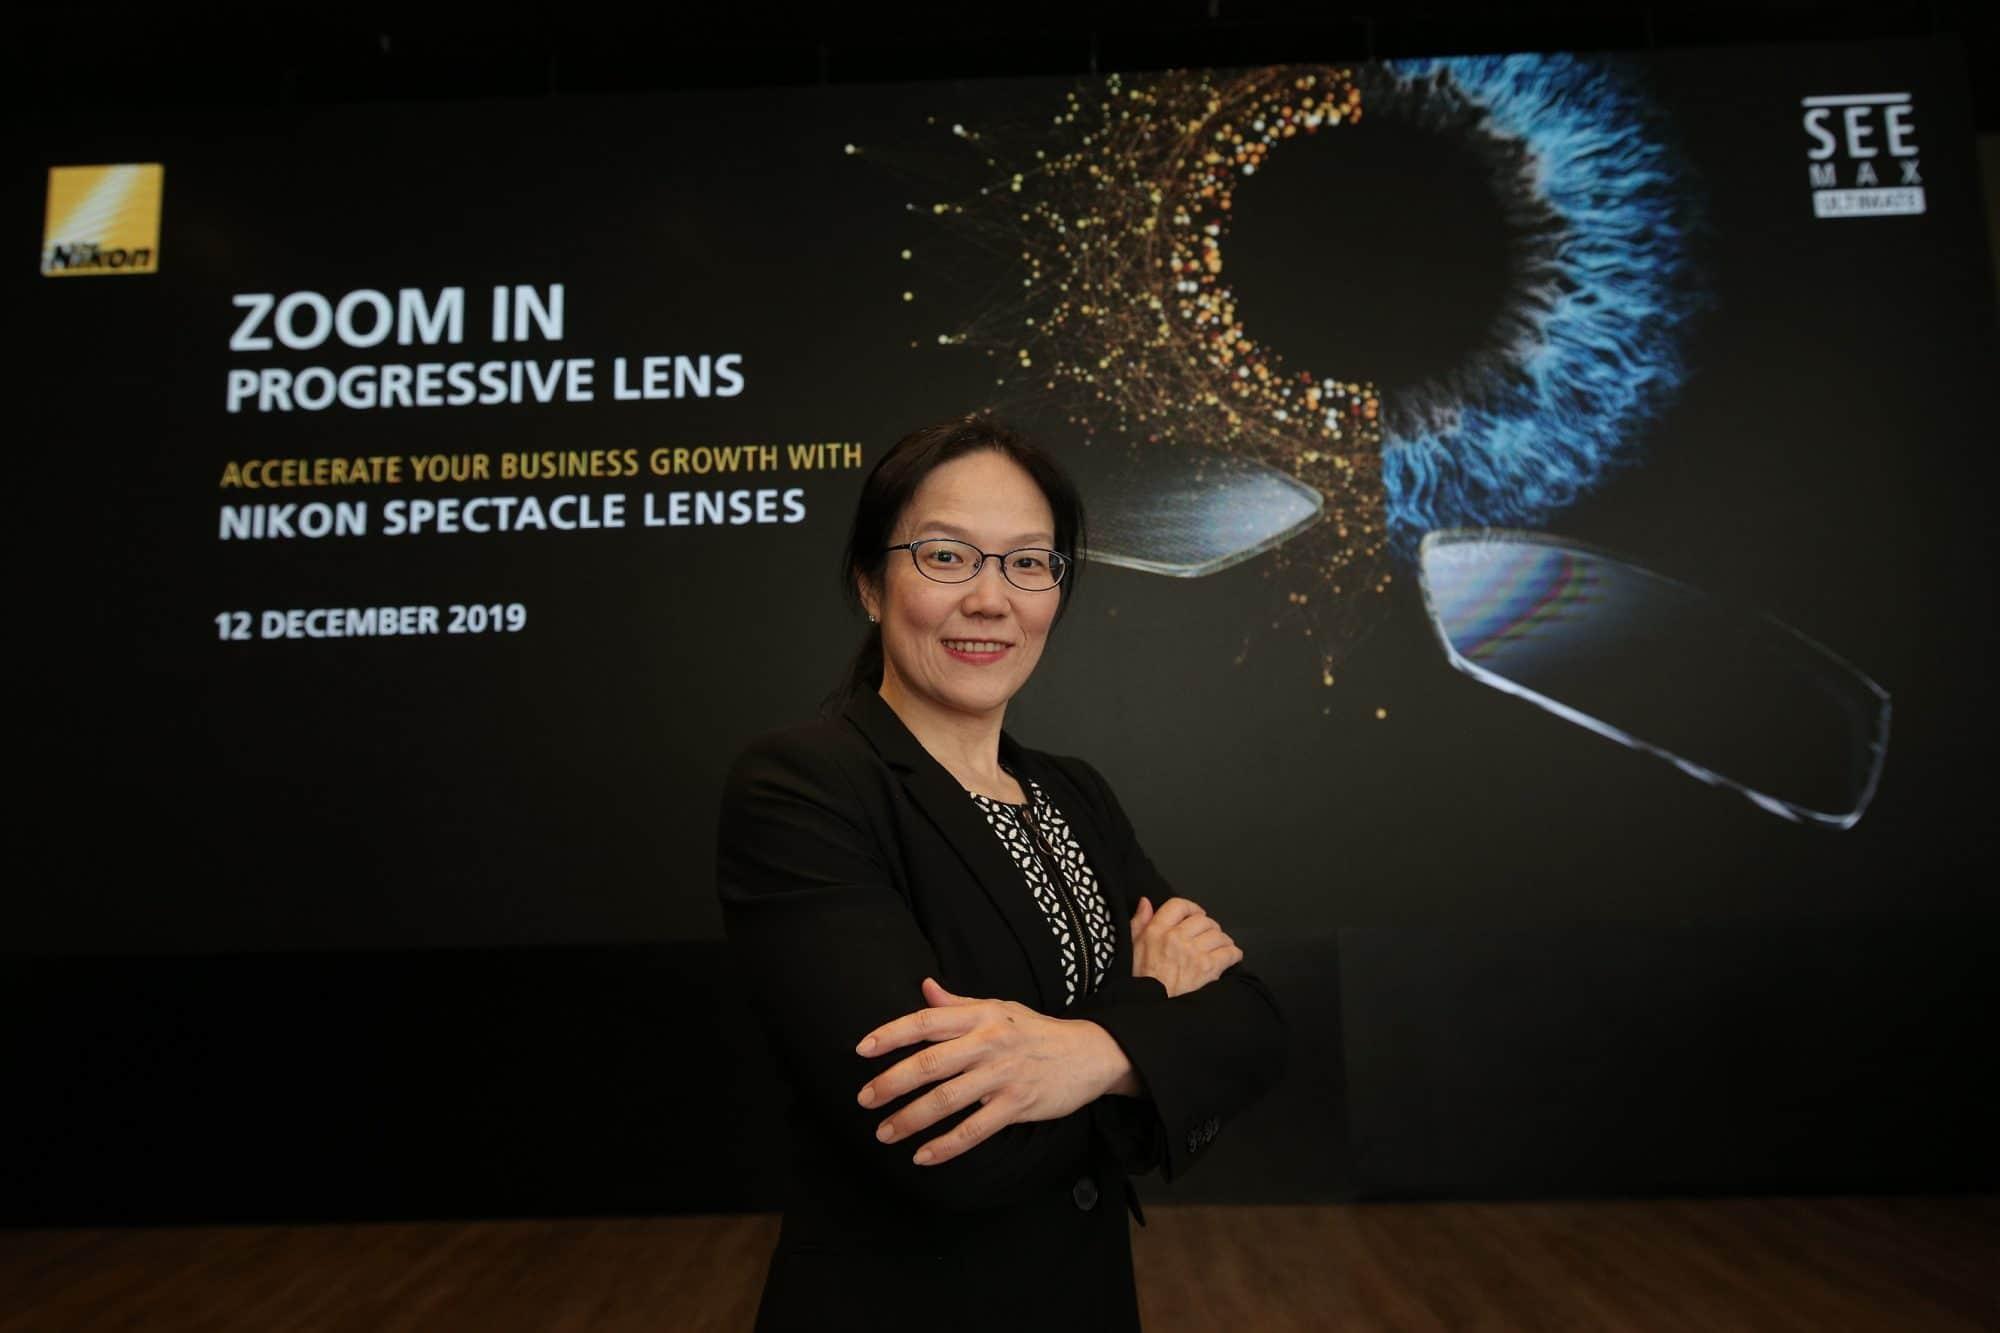 Nikon เปิดตัวเลนส์แว่นตา SeeMax Ultimate ปรับแต่งได้ถึง 400 ล้านแบบ 2